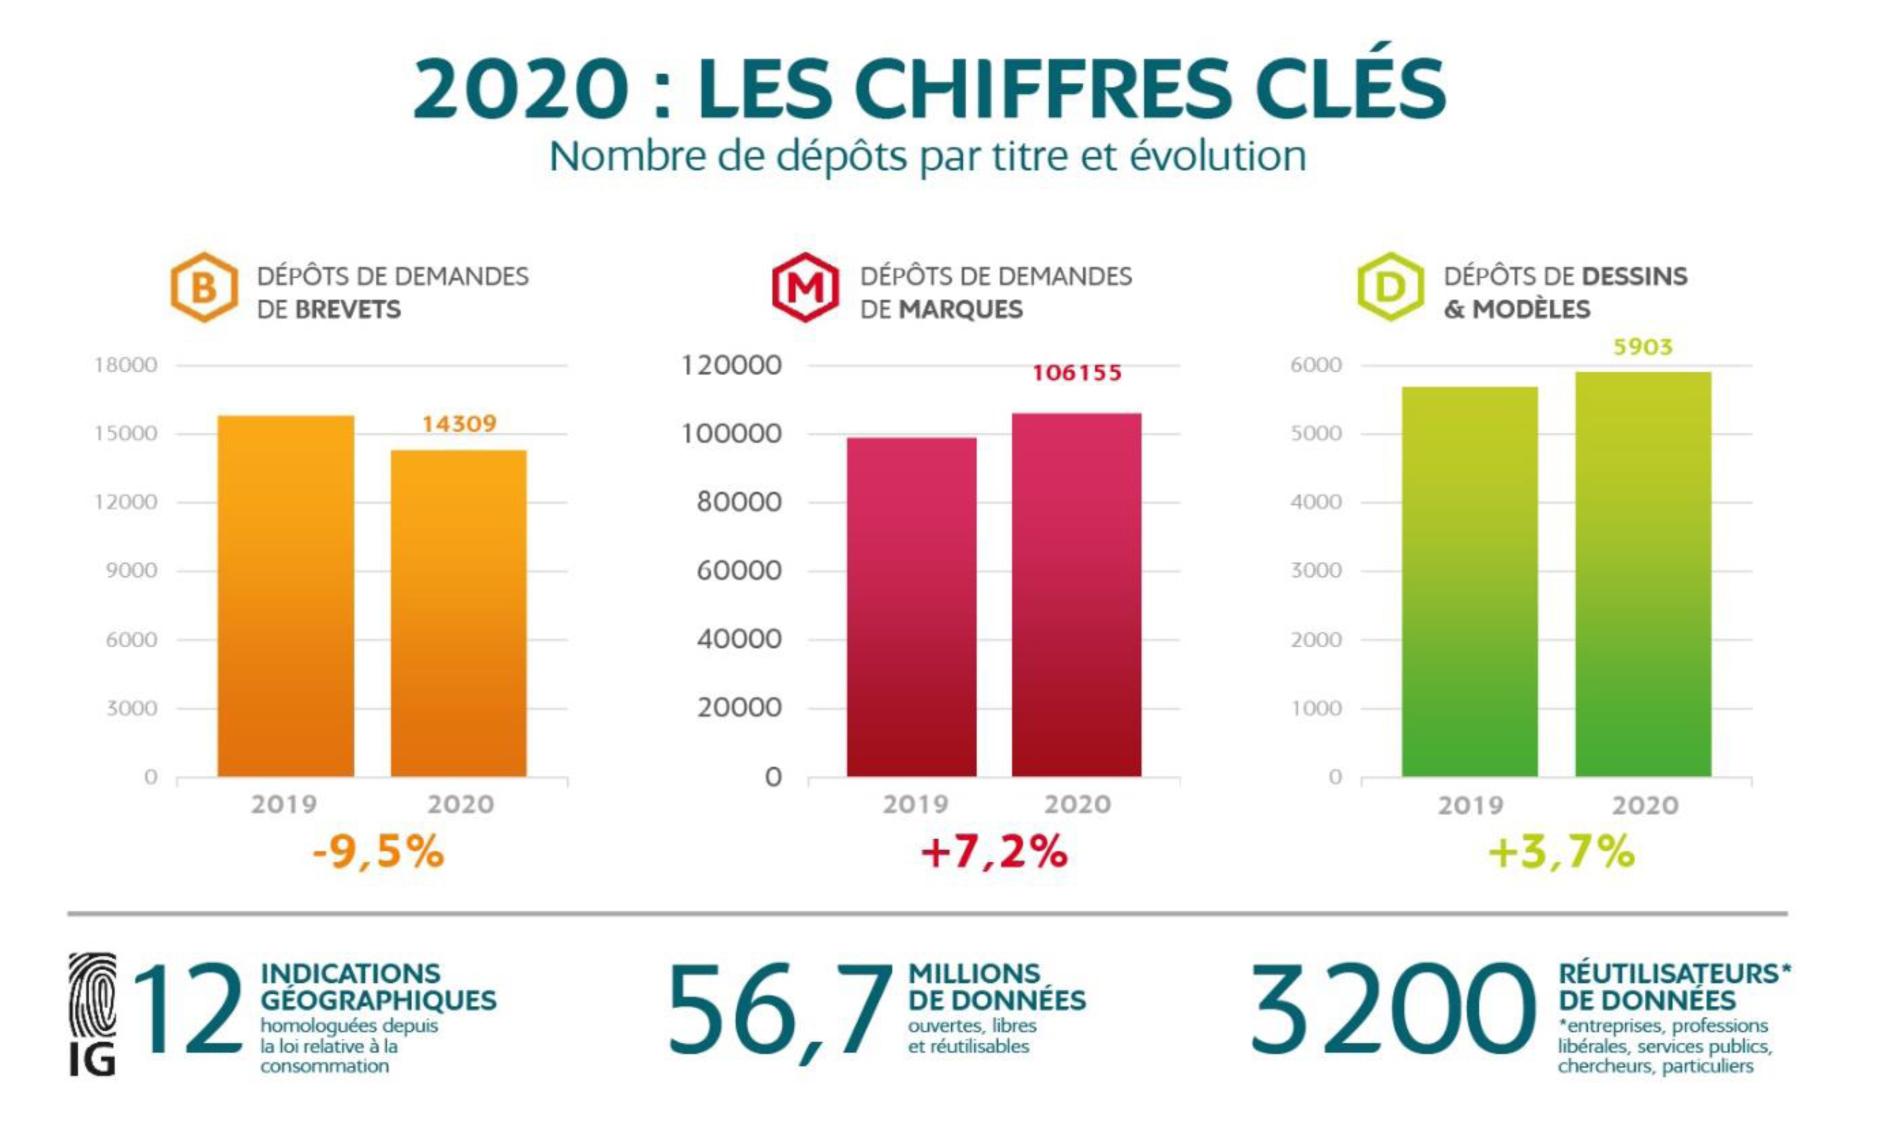 Les chiffres clés de l'INPI 2020 : nombre de dépôts par titre et évolution